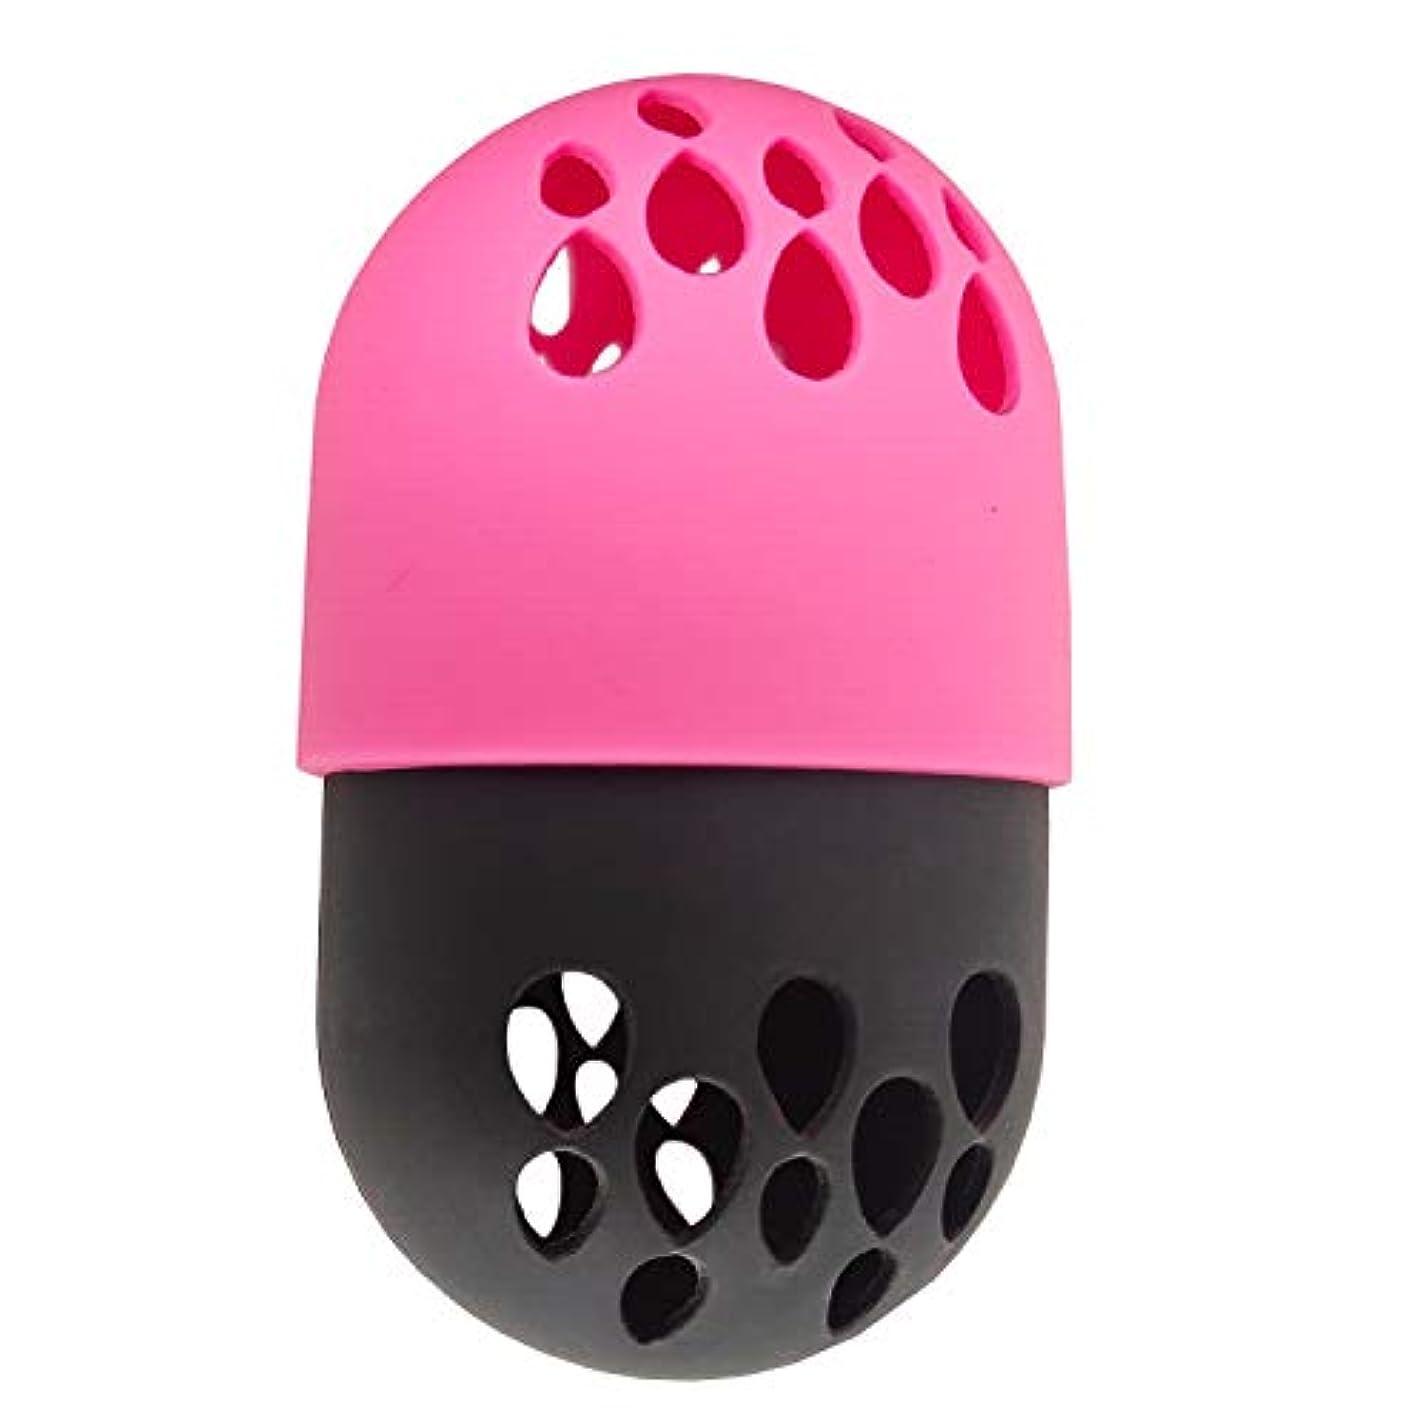 ラケット一族優雅な美容スポンジ収納ケース、通気性を柔らか美容スポンジ シリコン旅行 キャリングケース、小型軽量 あらゆる化粧スポンジ適用 (ピンク)